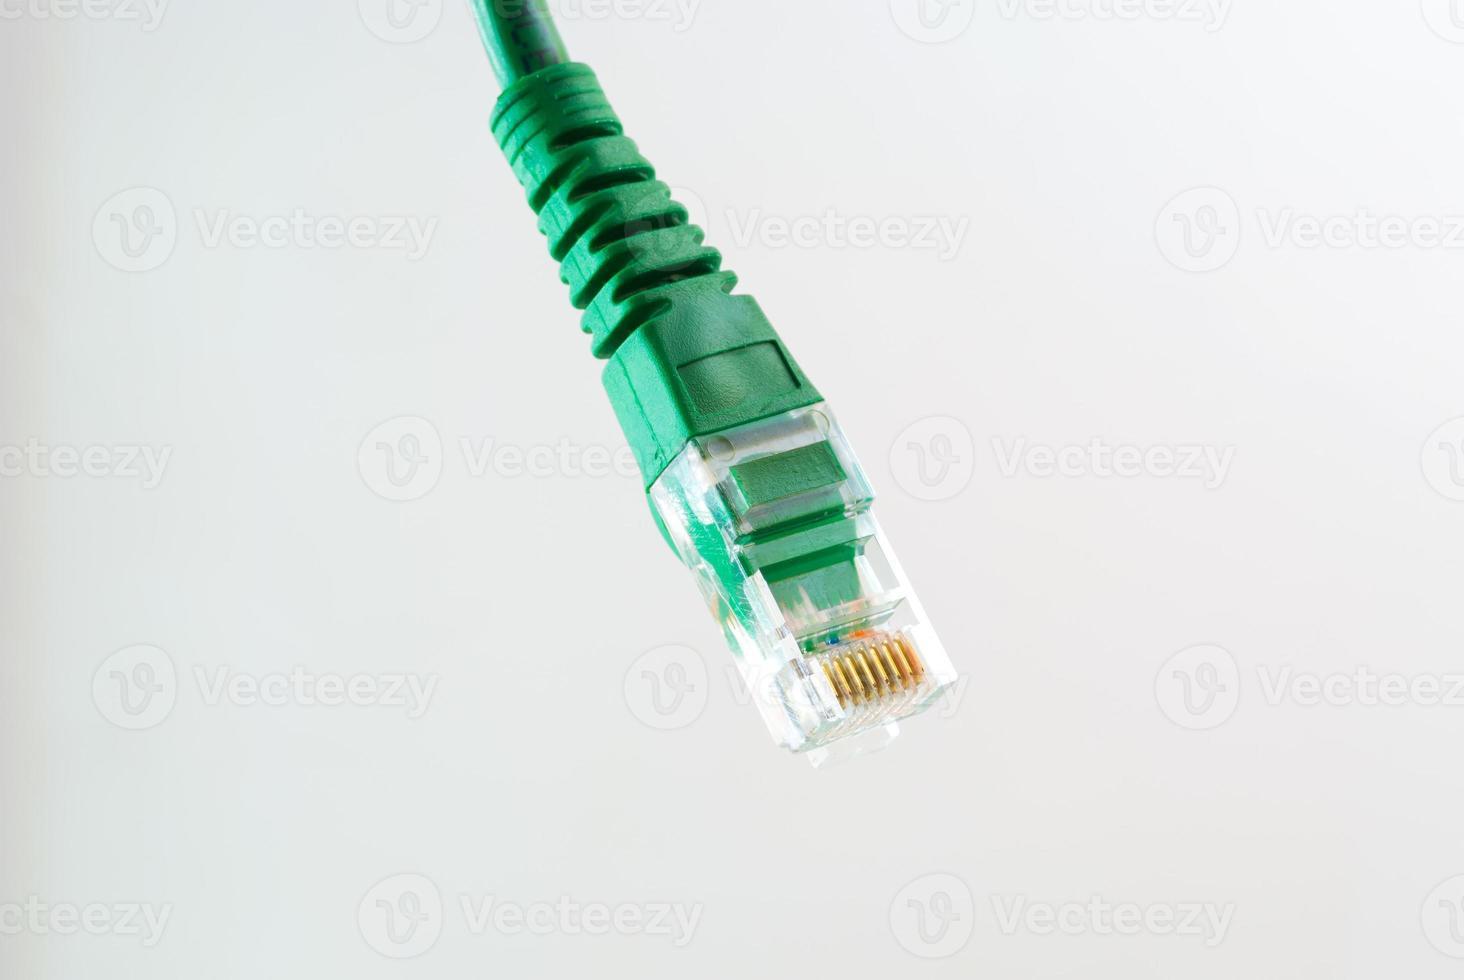 cavo di rete rj45 testa su sfondo bianco foto